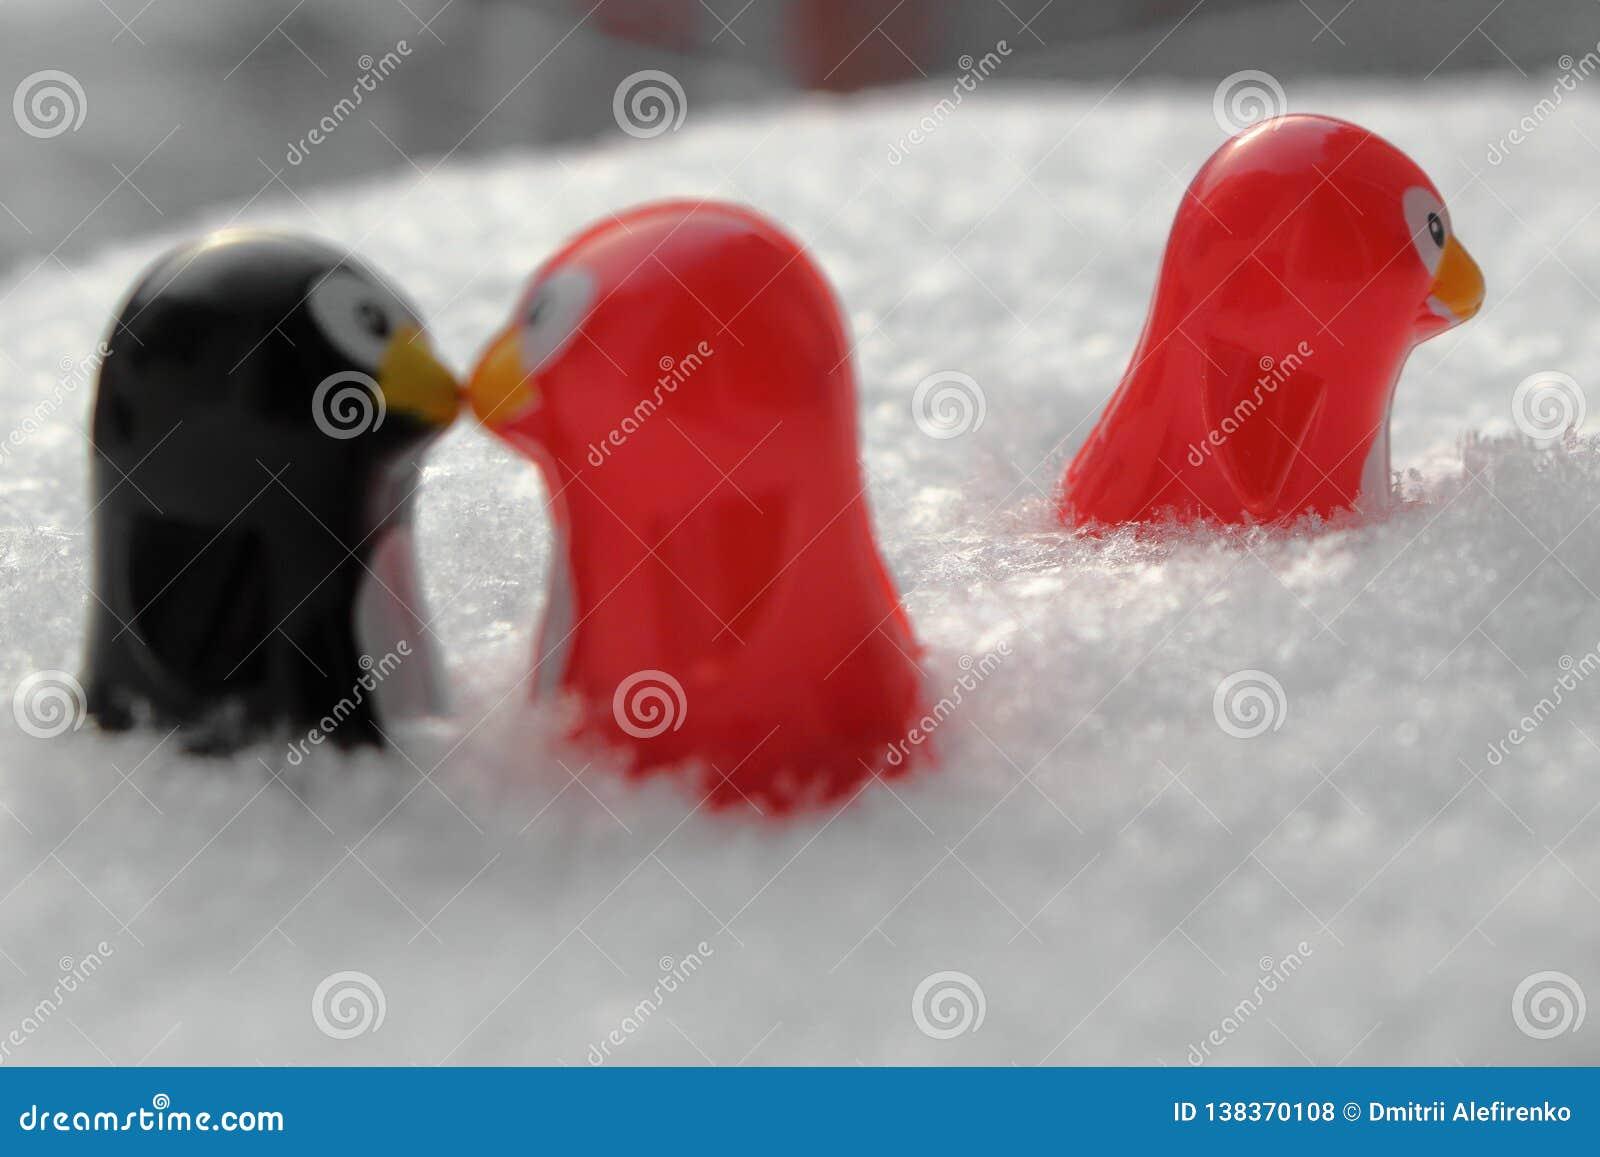 Dreiecksverhältnis oder Sein drittes Rad Angelegenheit, Untreue haben oder Betrug des Konzeptes Konzept der unvergoltenen Liebe